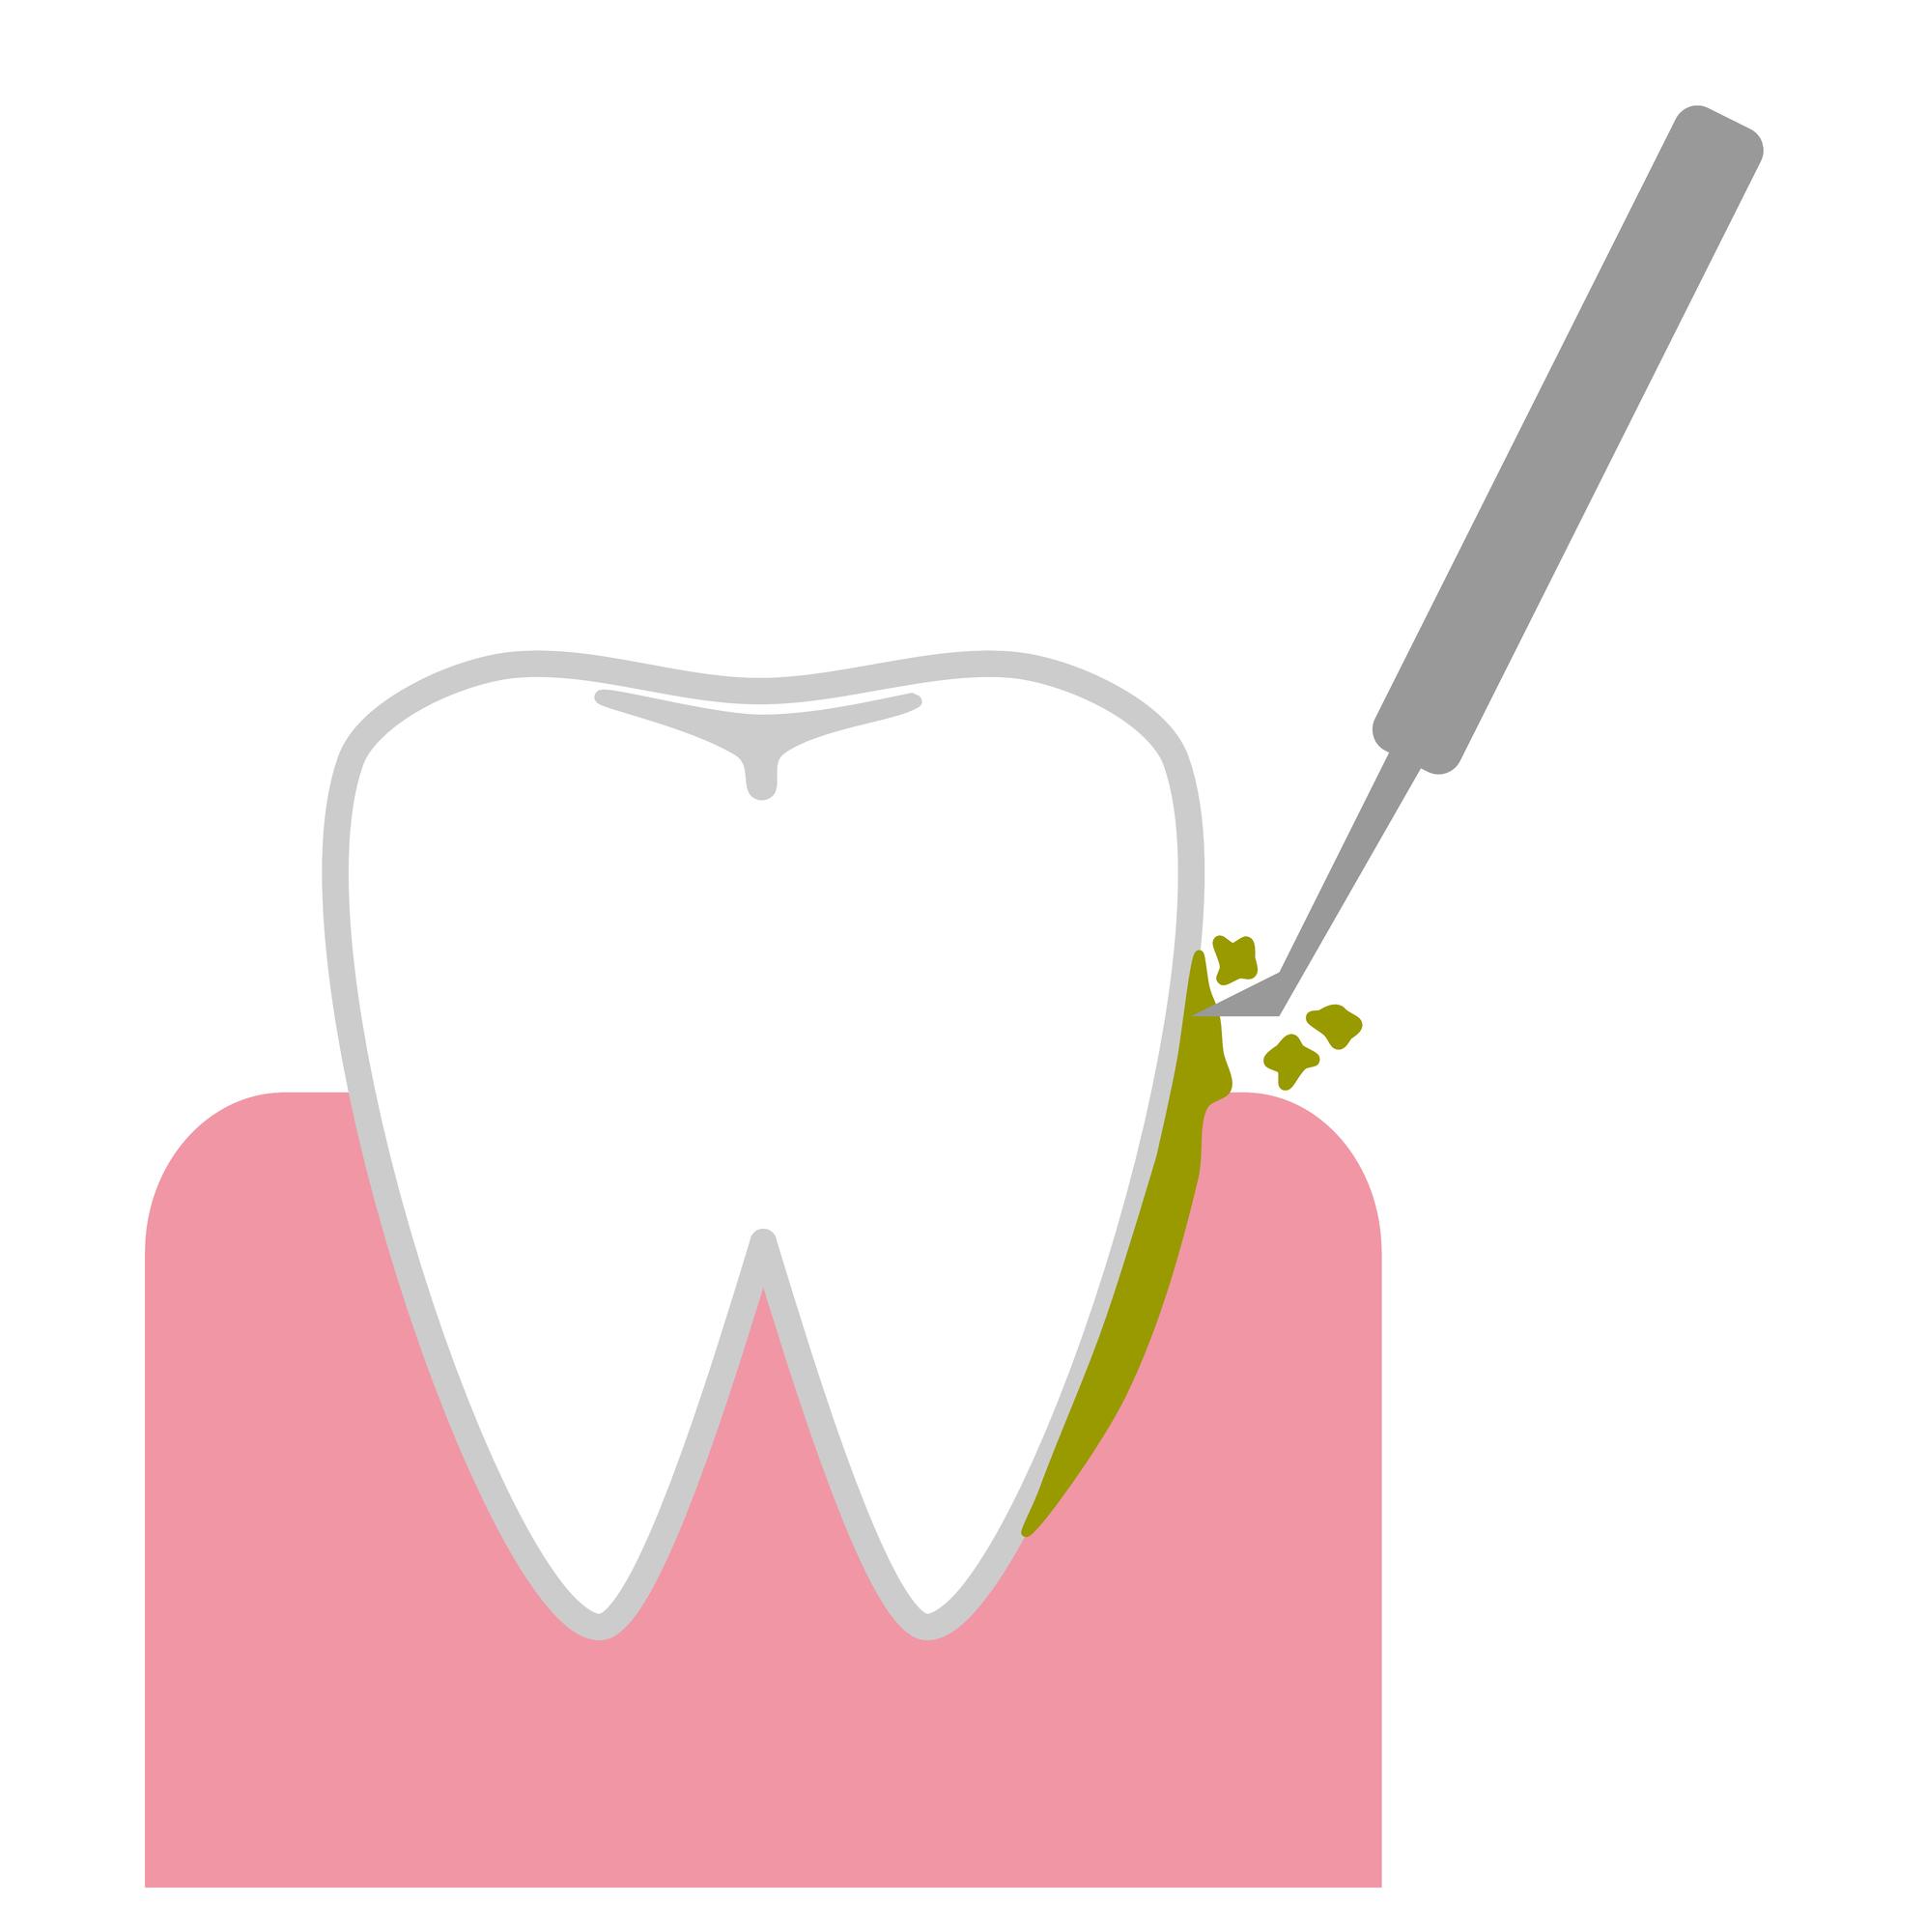 基本歯周治療